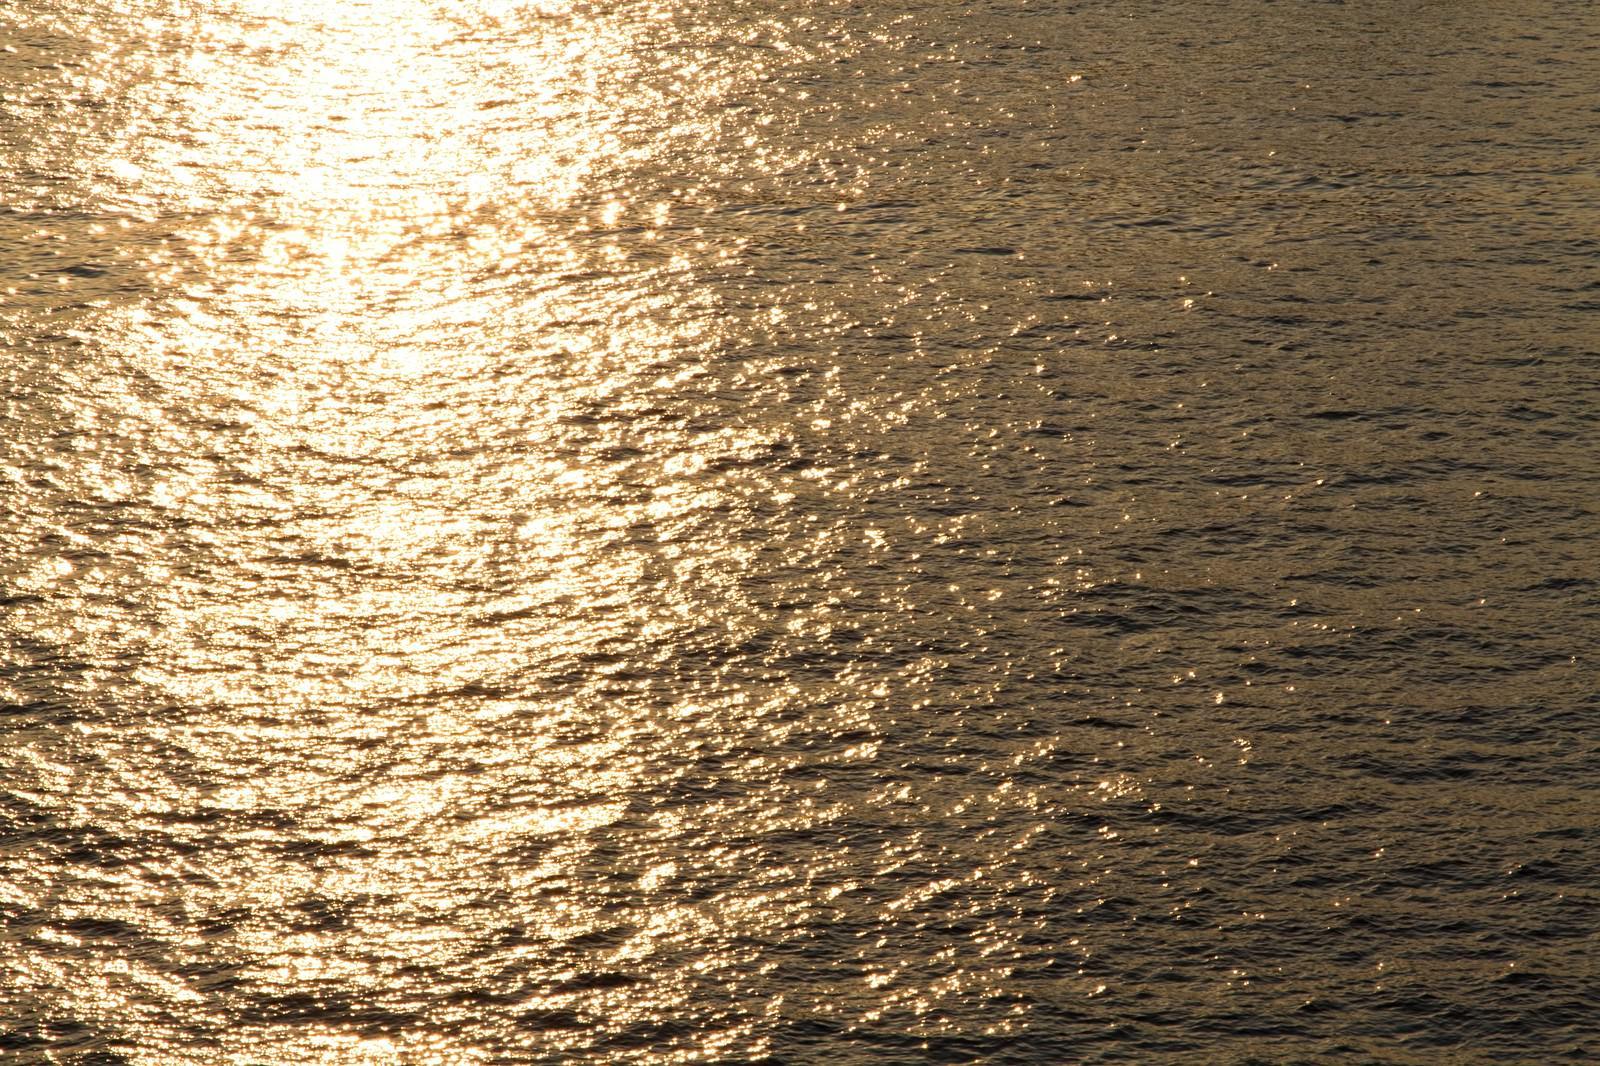 「夕焼け反射する水面」の写真